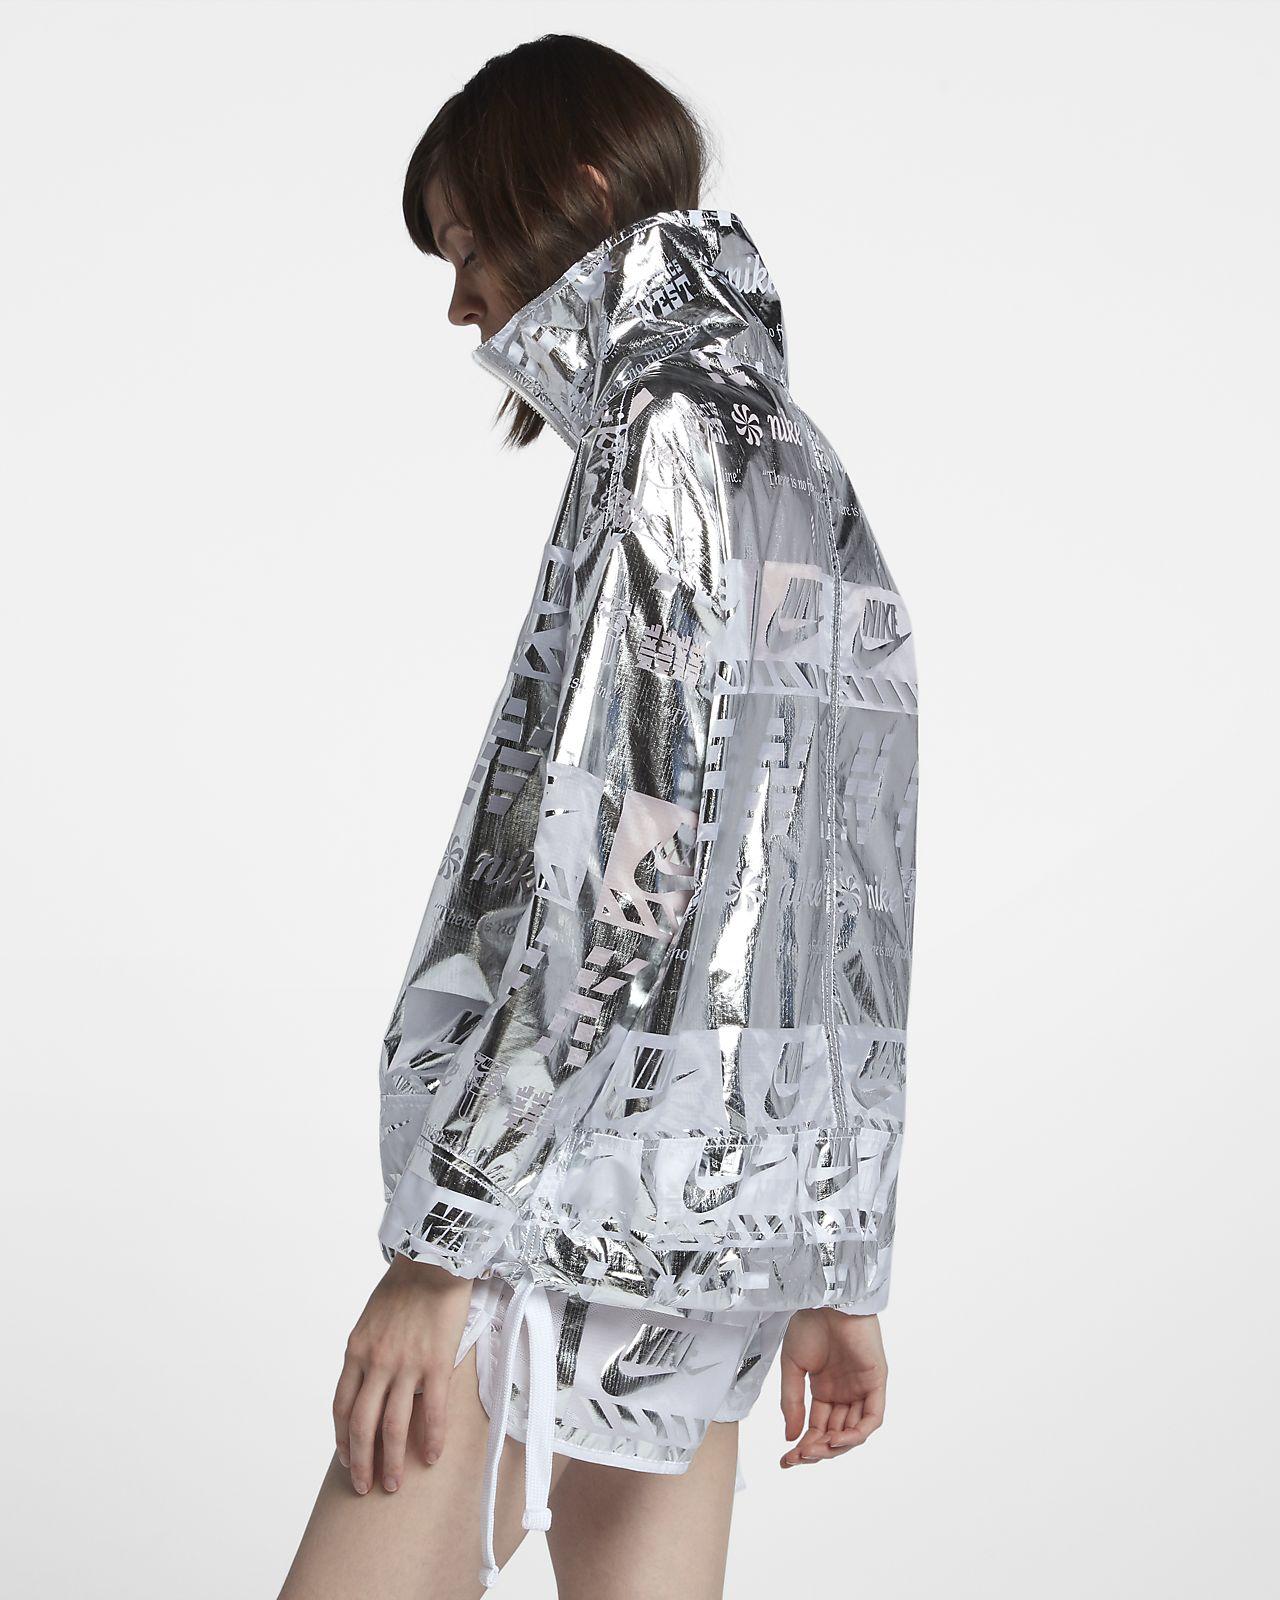 Low Resolution Nike Sportswear Metallic Women's Jacket Nike Sportswear  Metallic Women's Jacket